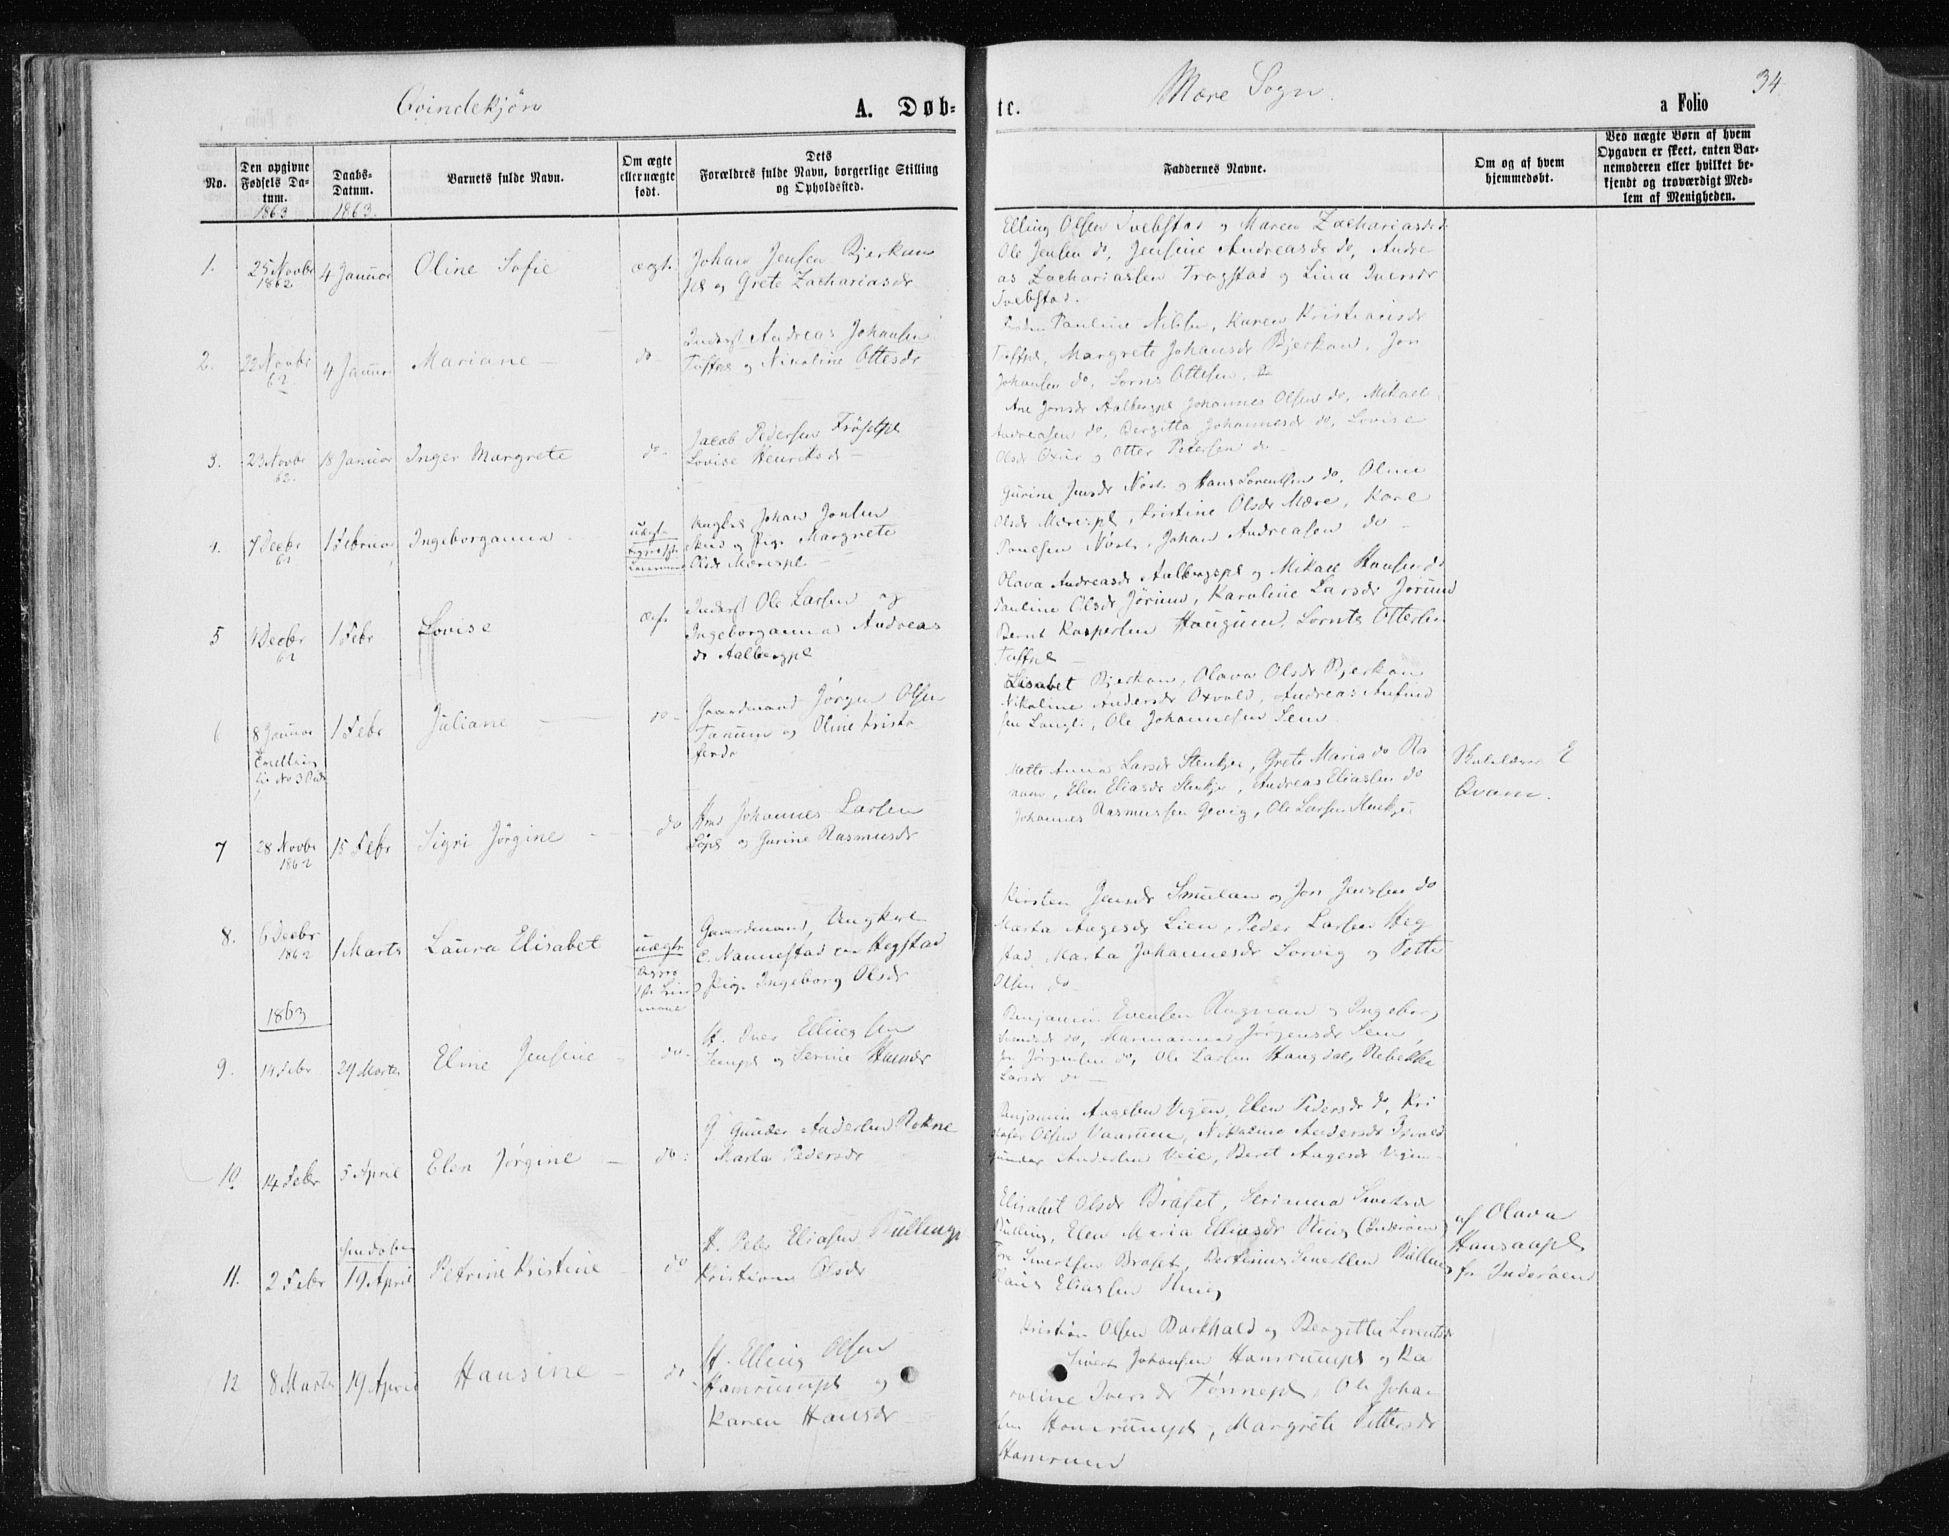 SAT, Ministerialprotokoller, klokkerbøker og fødselsregistre - Nord-Trøndelag, 735/L0345: Ministerialbok nr. 735A08 /1, 1863-1872, s. 34